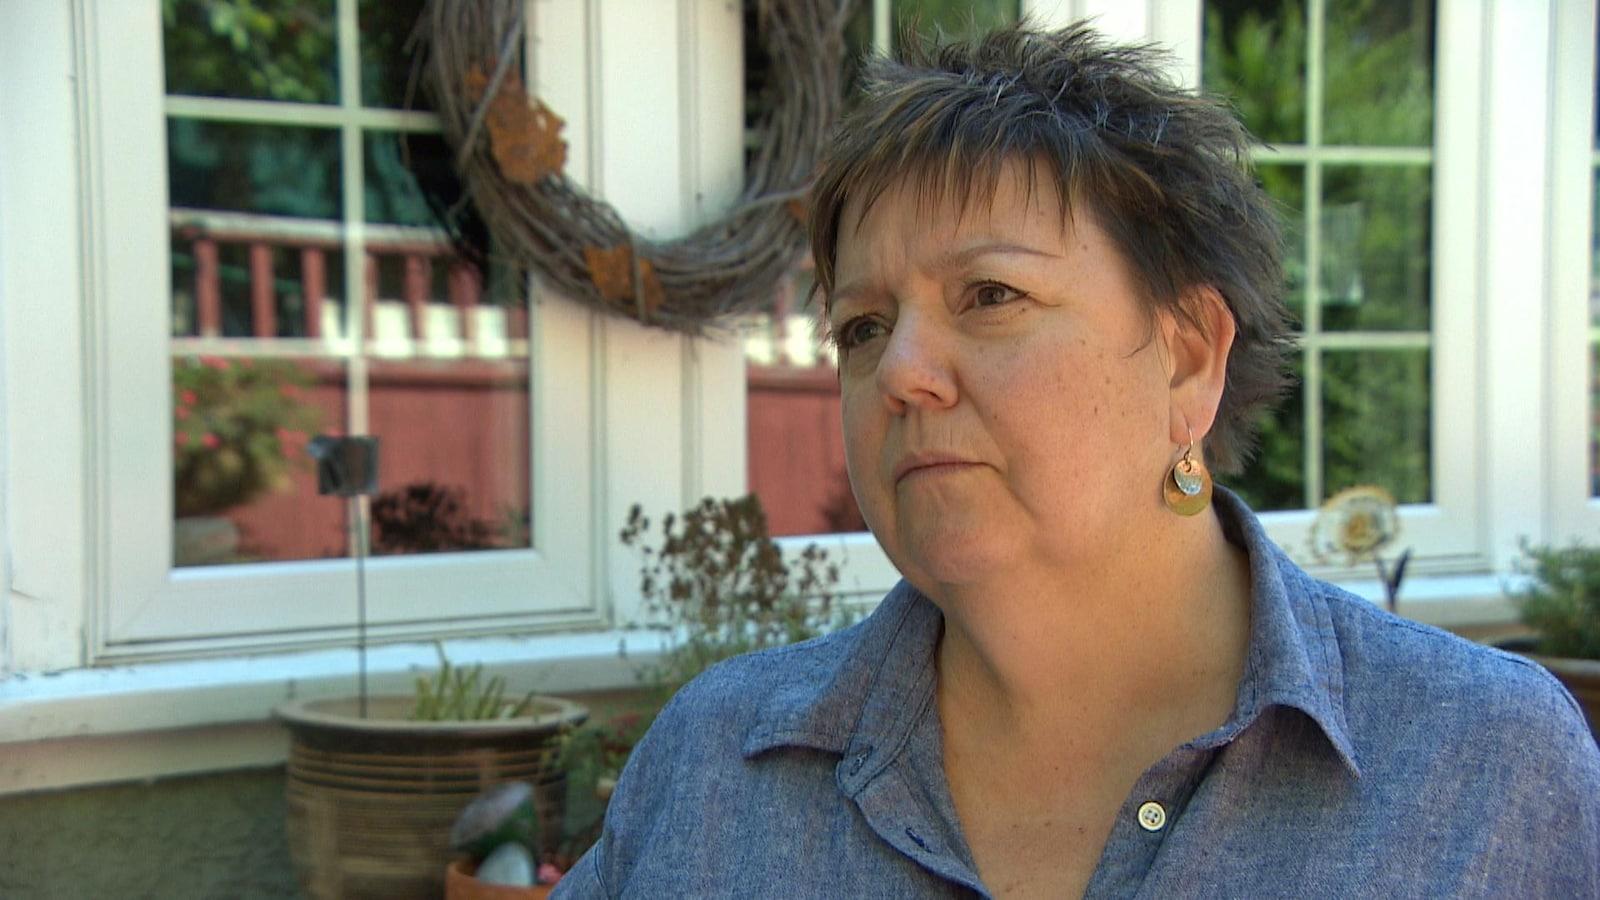 Une femme aux cheveux courts, en entrevue devant la façade d'une maison.